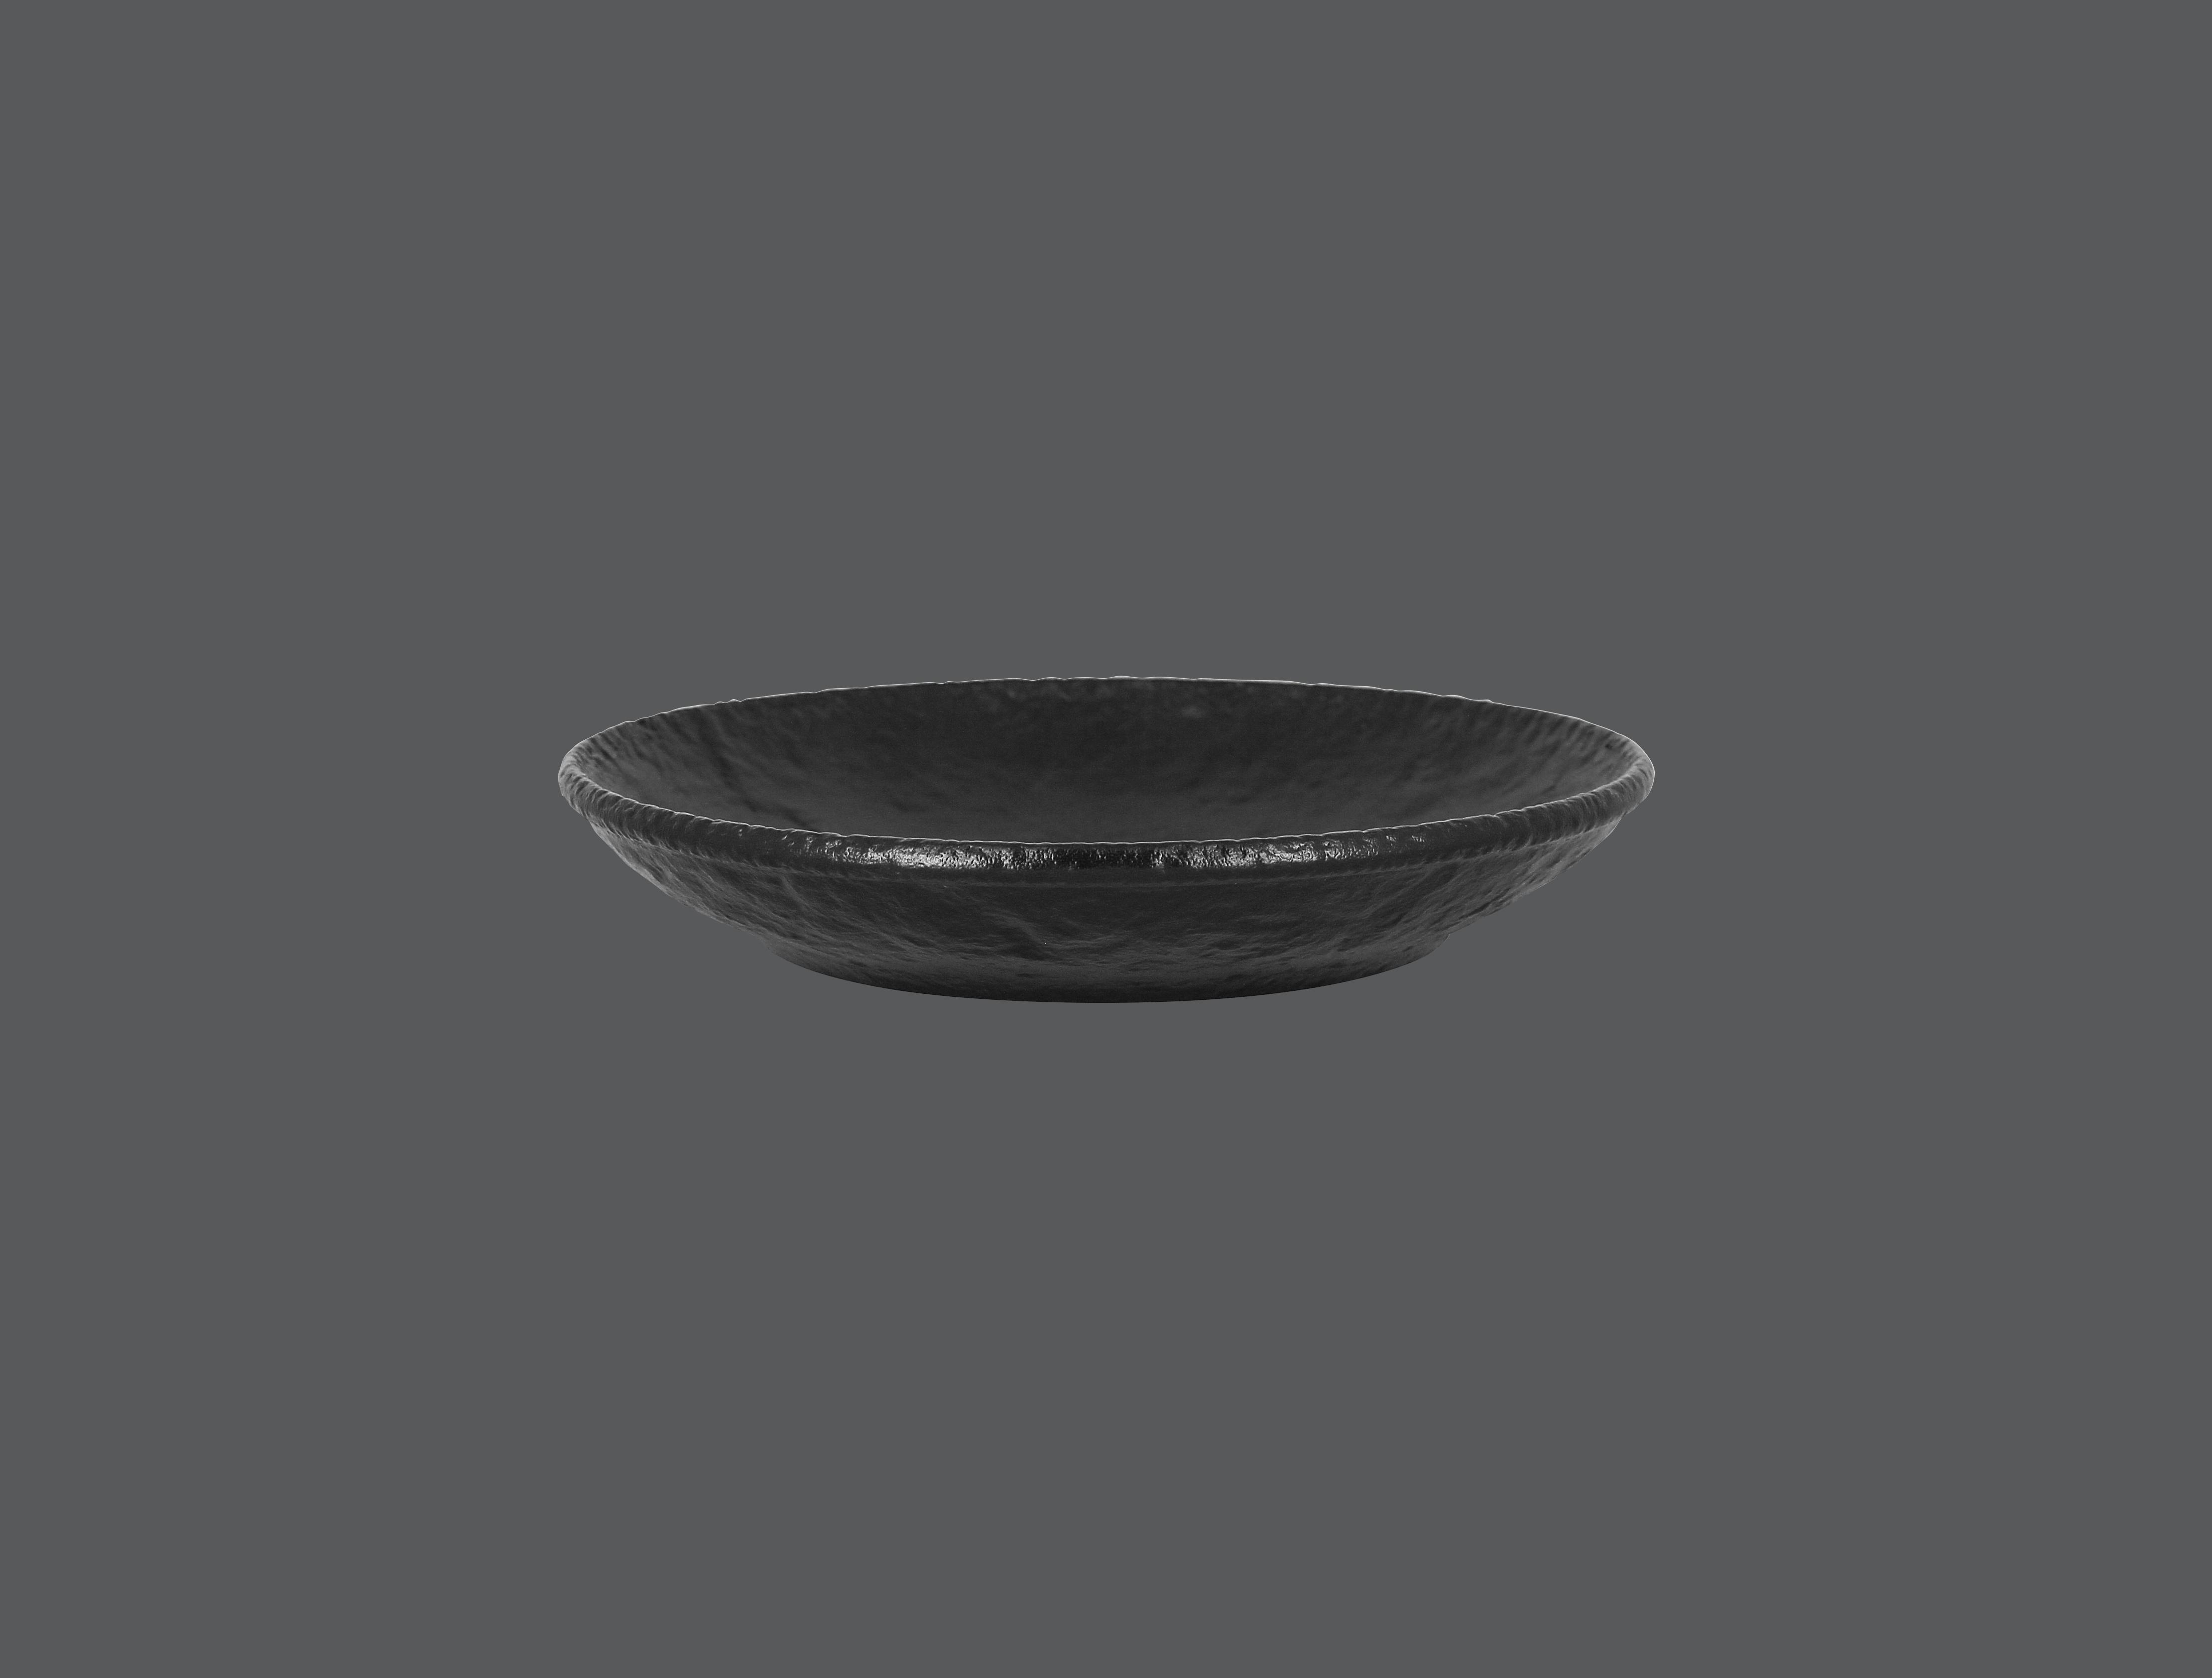 Hluboký talíř kulatý ROKS